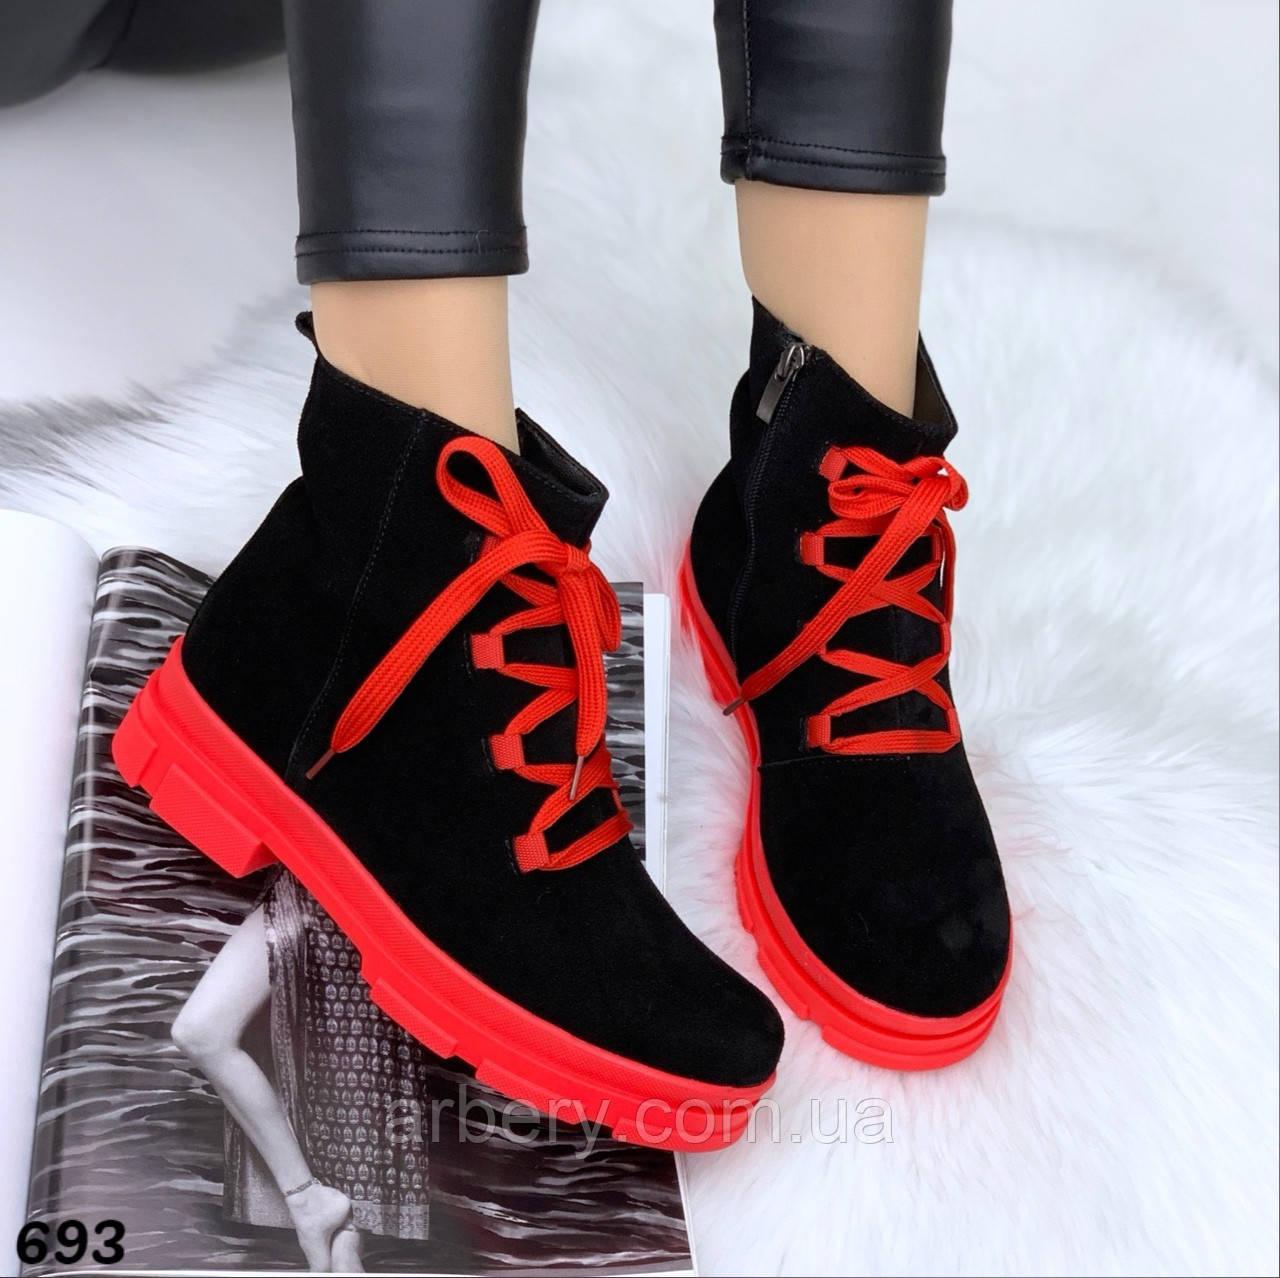 Шикарные натуральные яркие ботинки Off